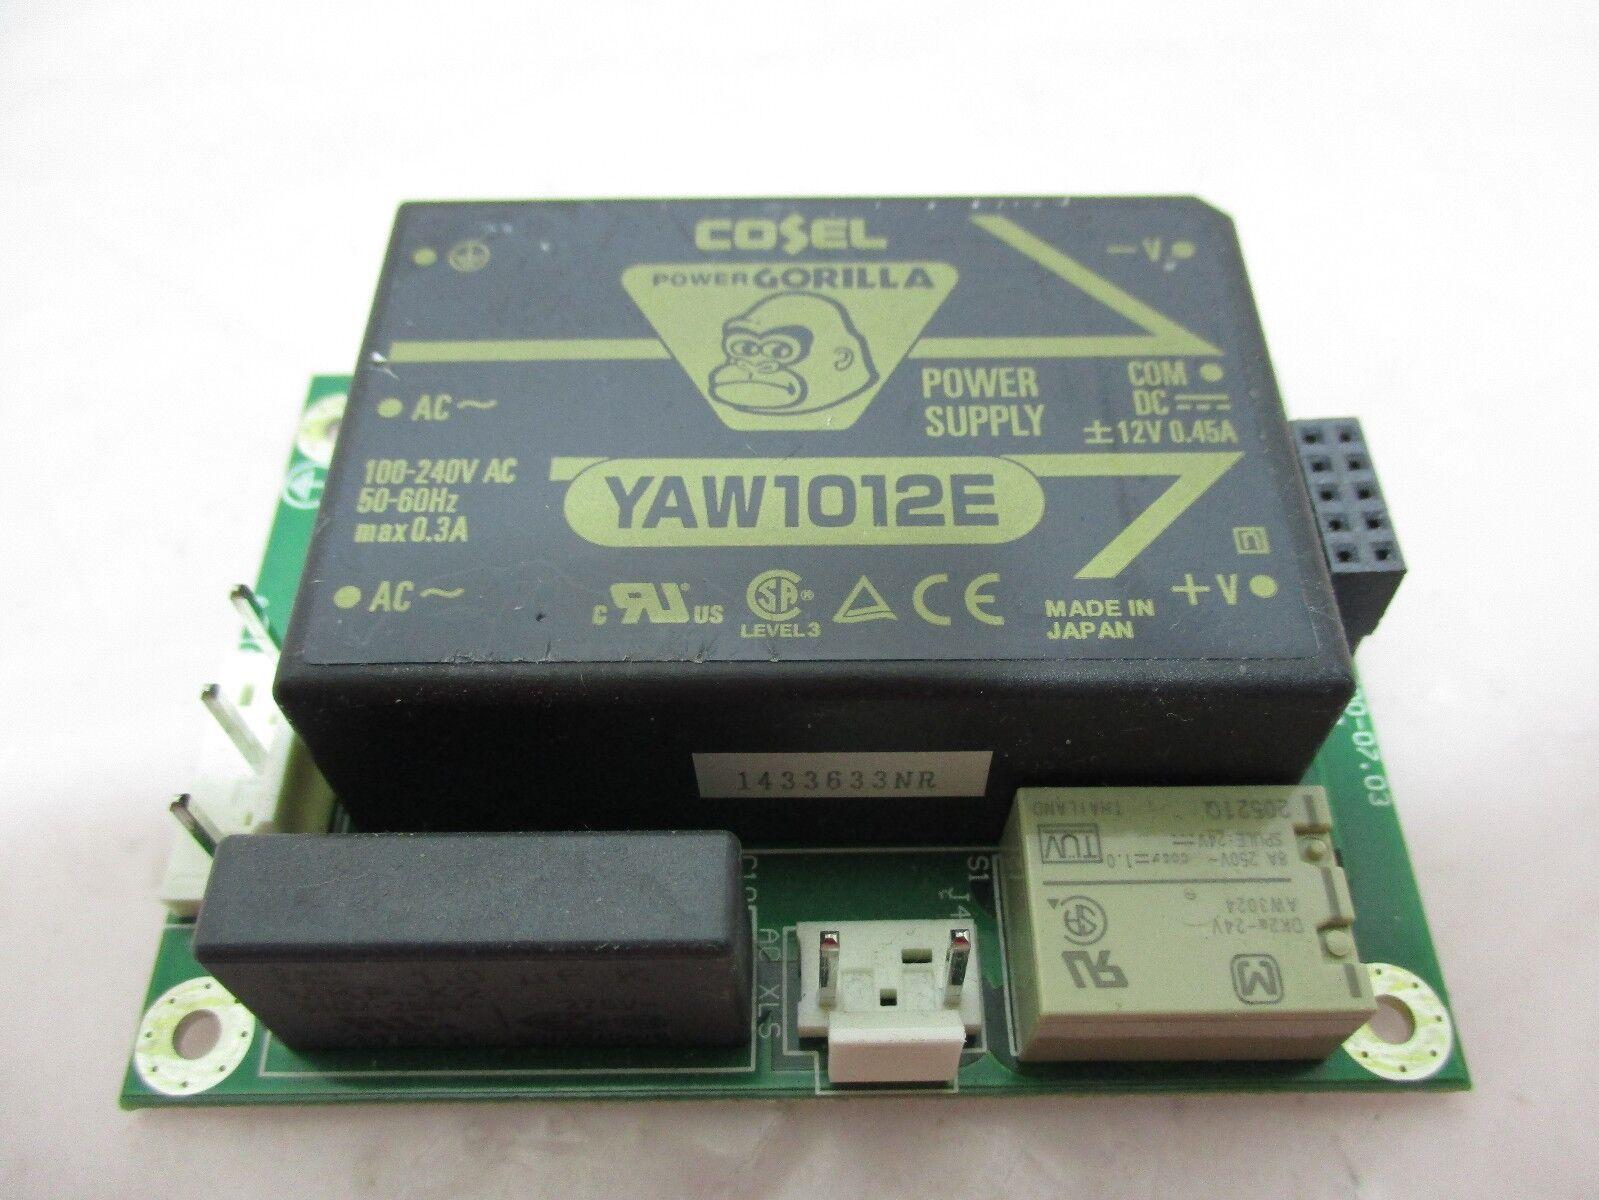 J.A. Woollam SSB-600.07.03 PCB Board W/ Cosel YAW1012E Power Supply, 420573